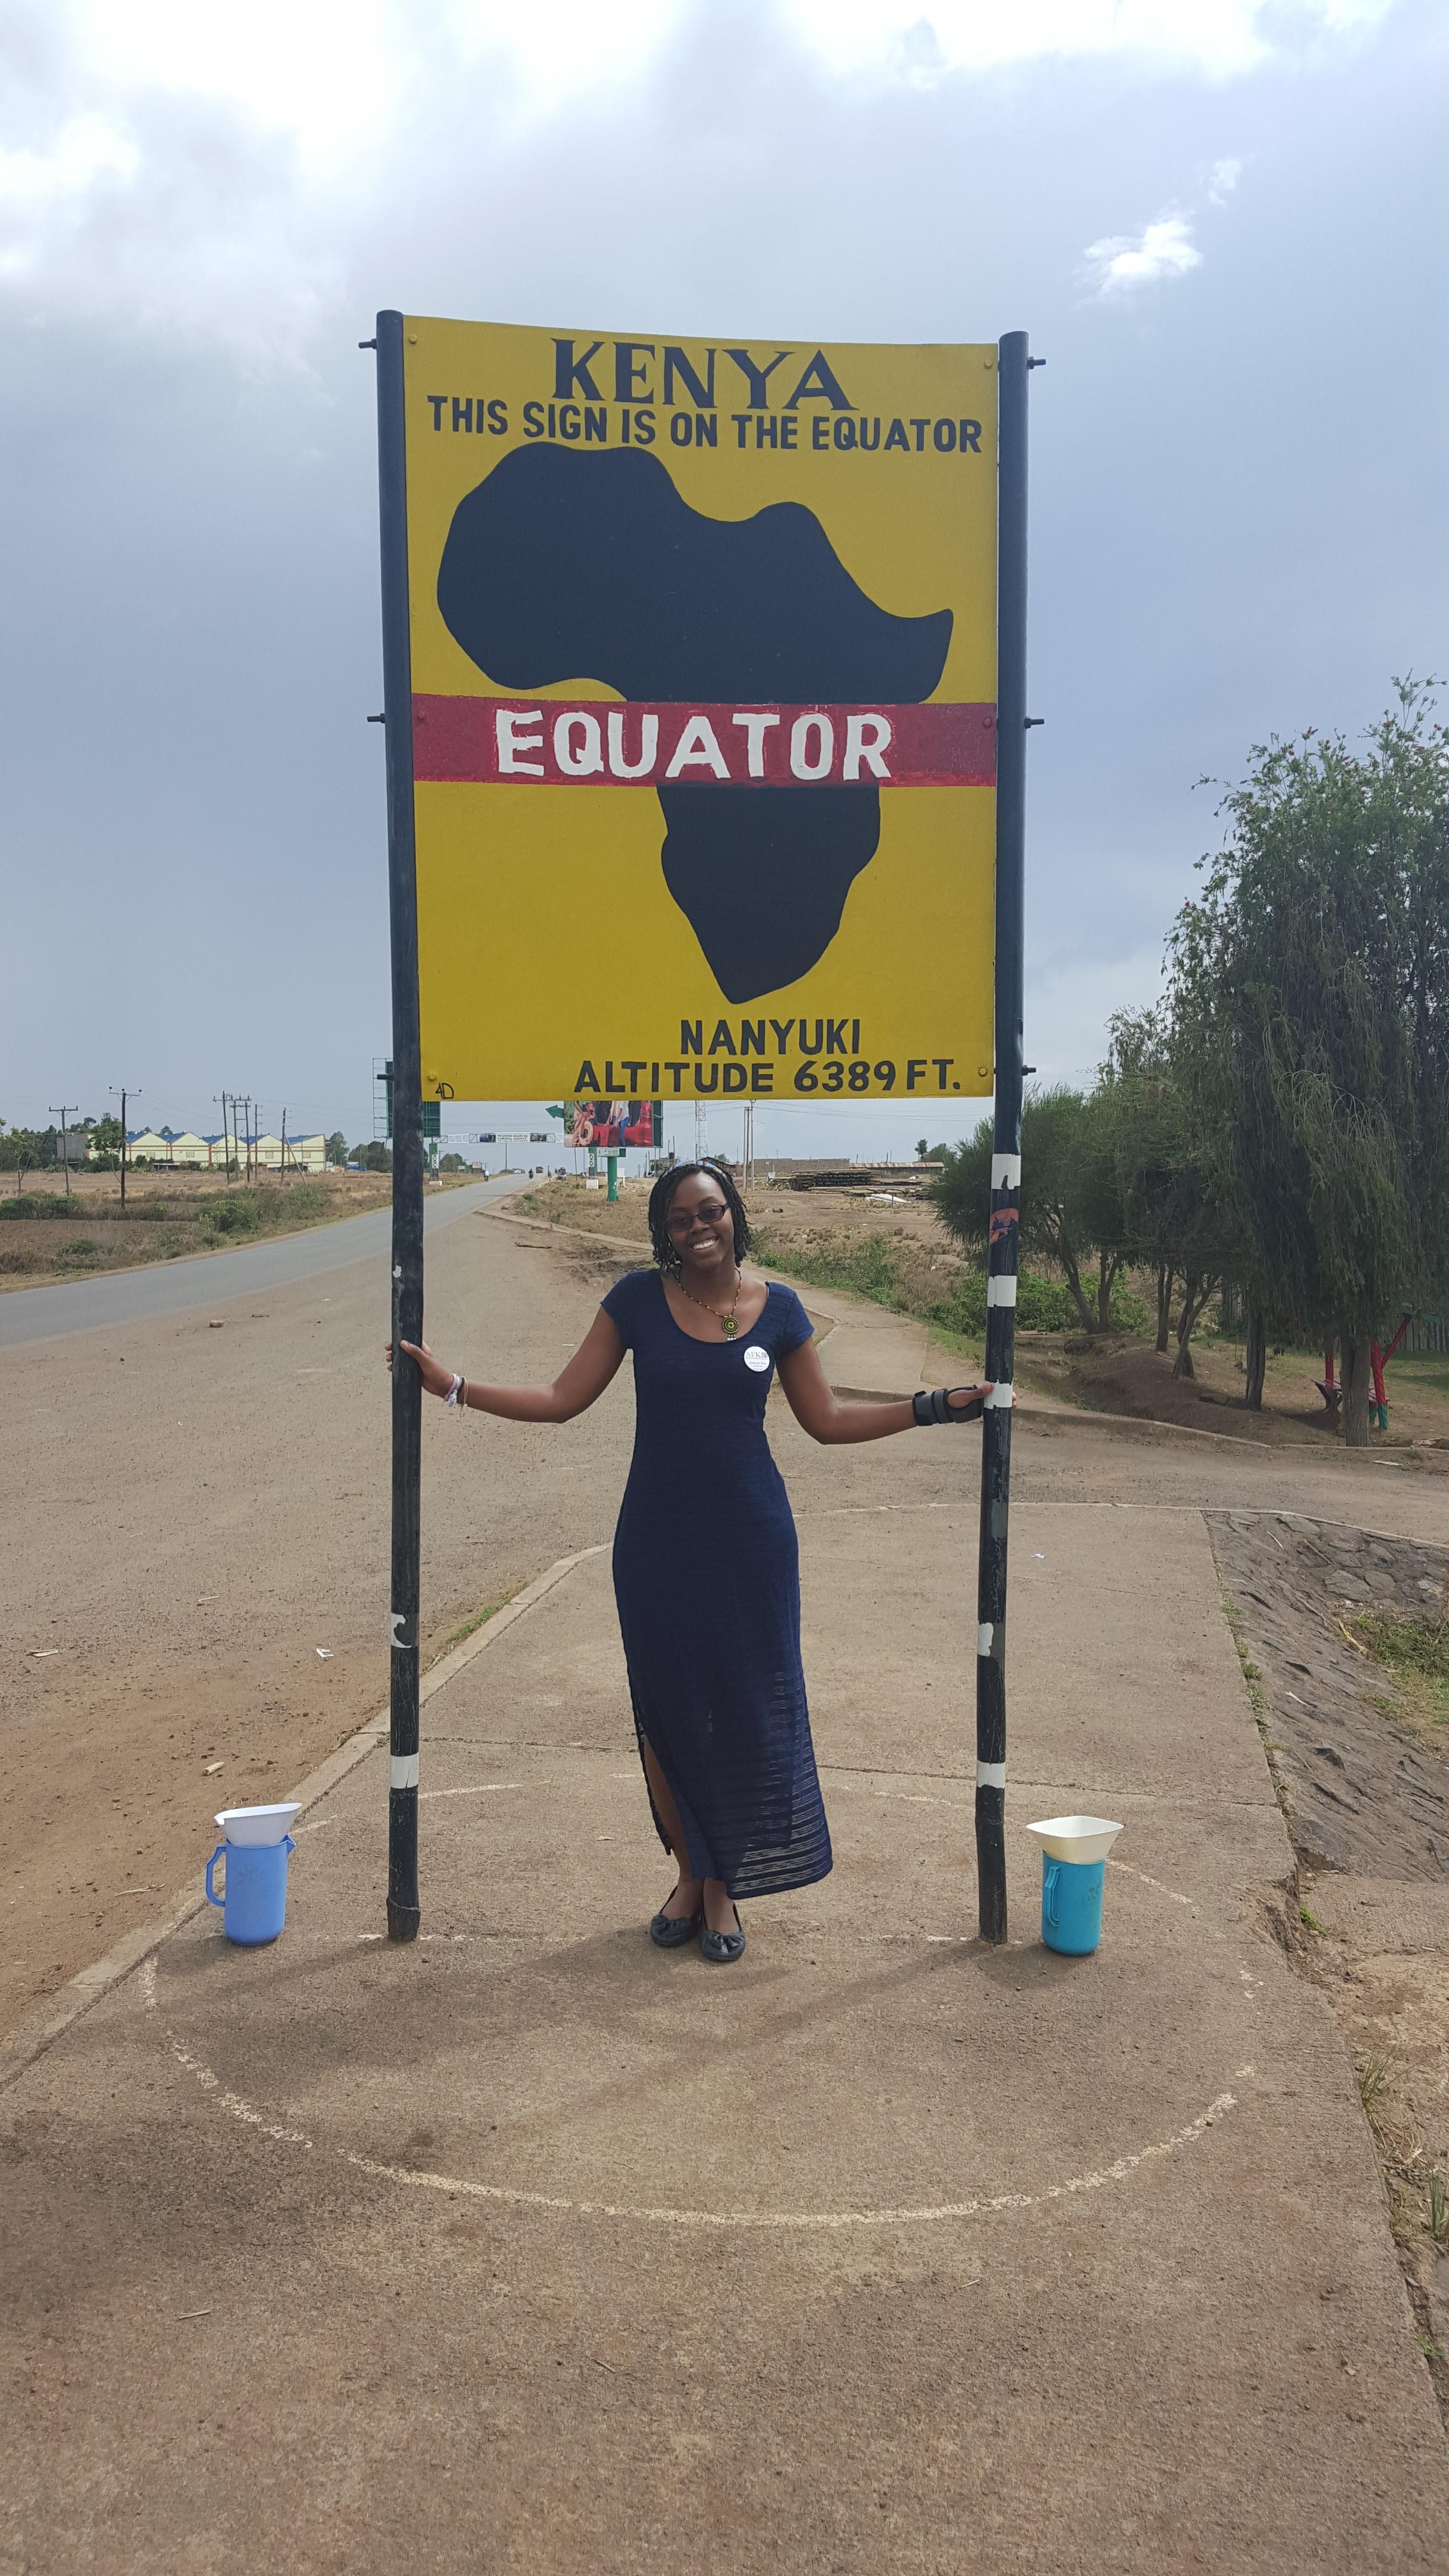 SLIS Student Kymberlee Powe in Kenya